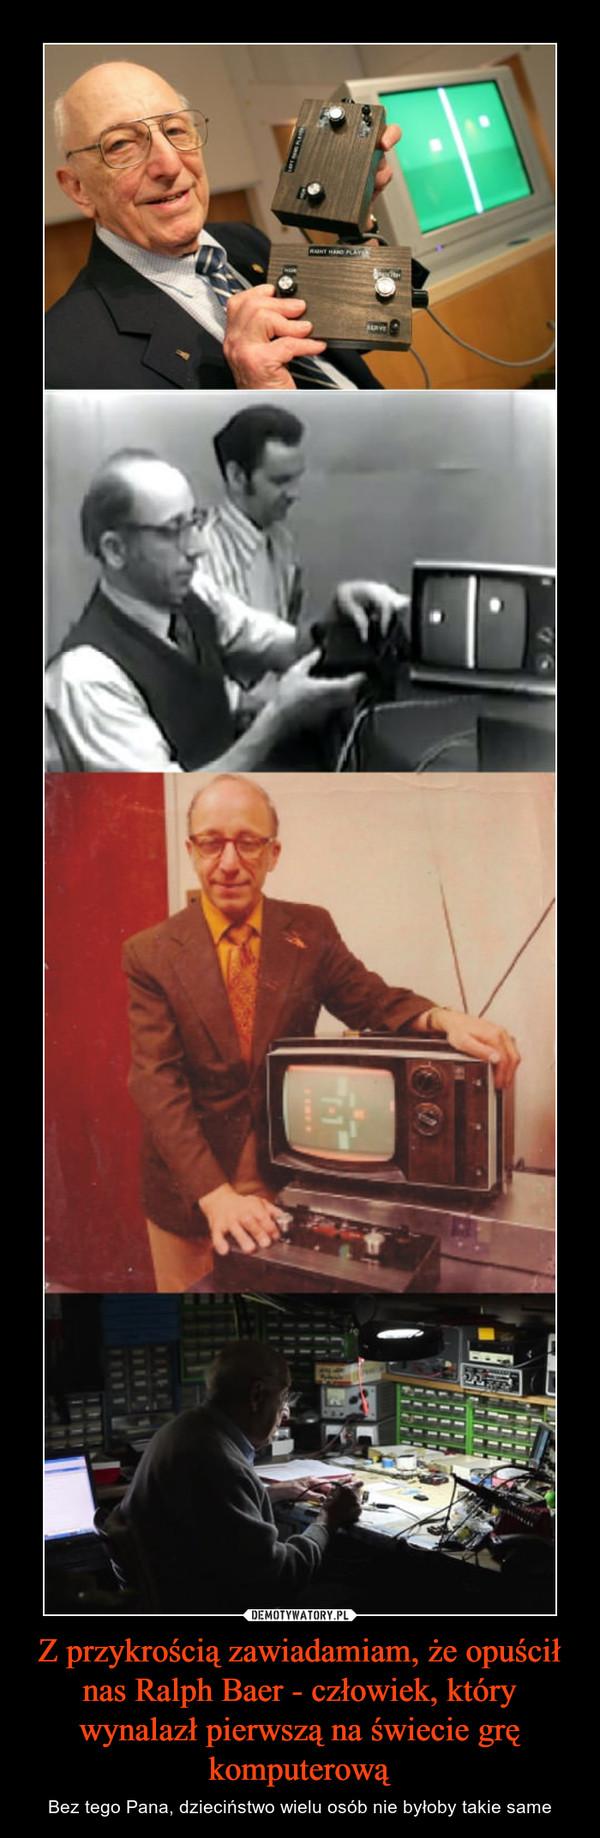 Z przykrością zawiadamiam, że opuścił nas Ralph Baer - człowiek, który wynalazł pierwszą na świecie grę komputerową – Bez tego Pana, dzieciństwo wielu osób nie byłoby takie same